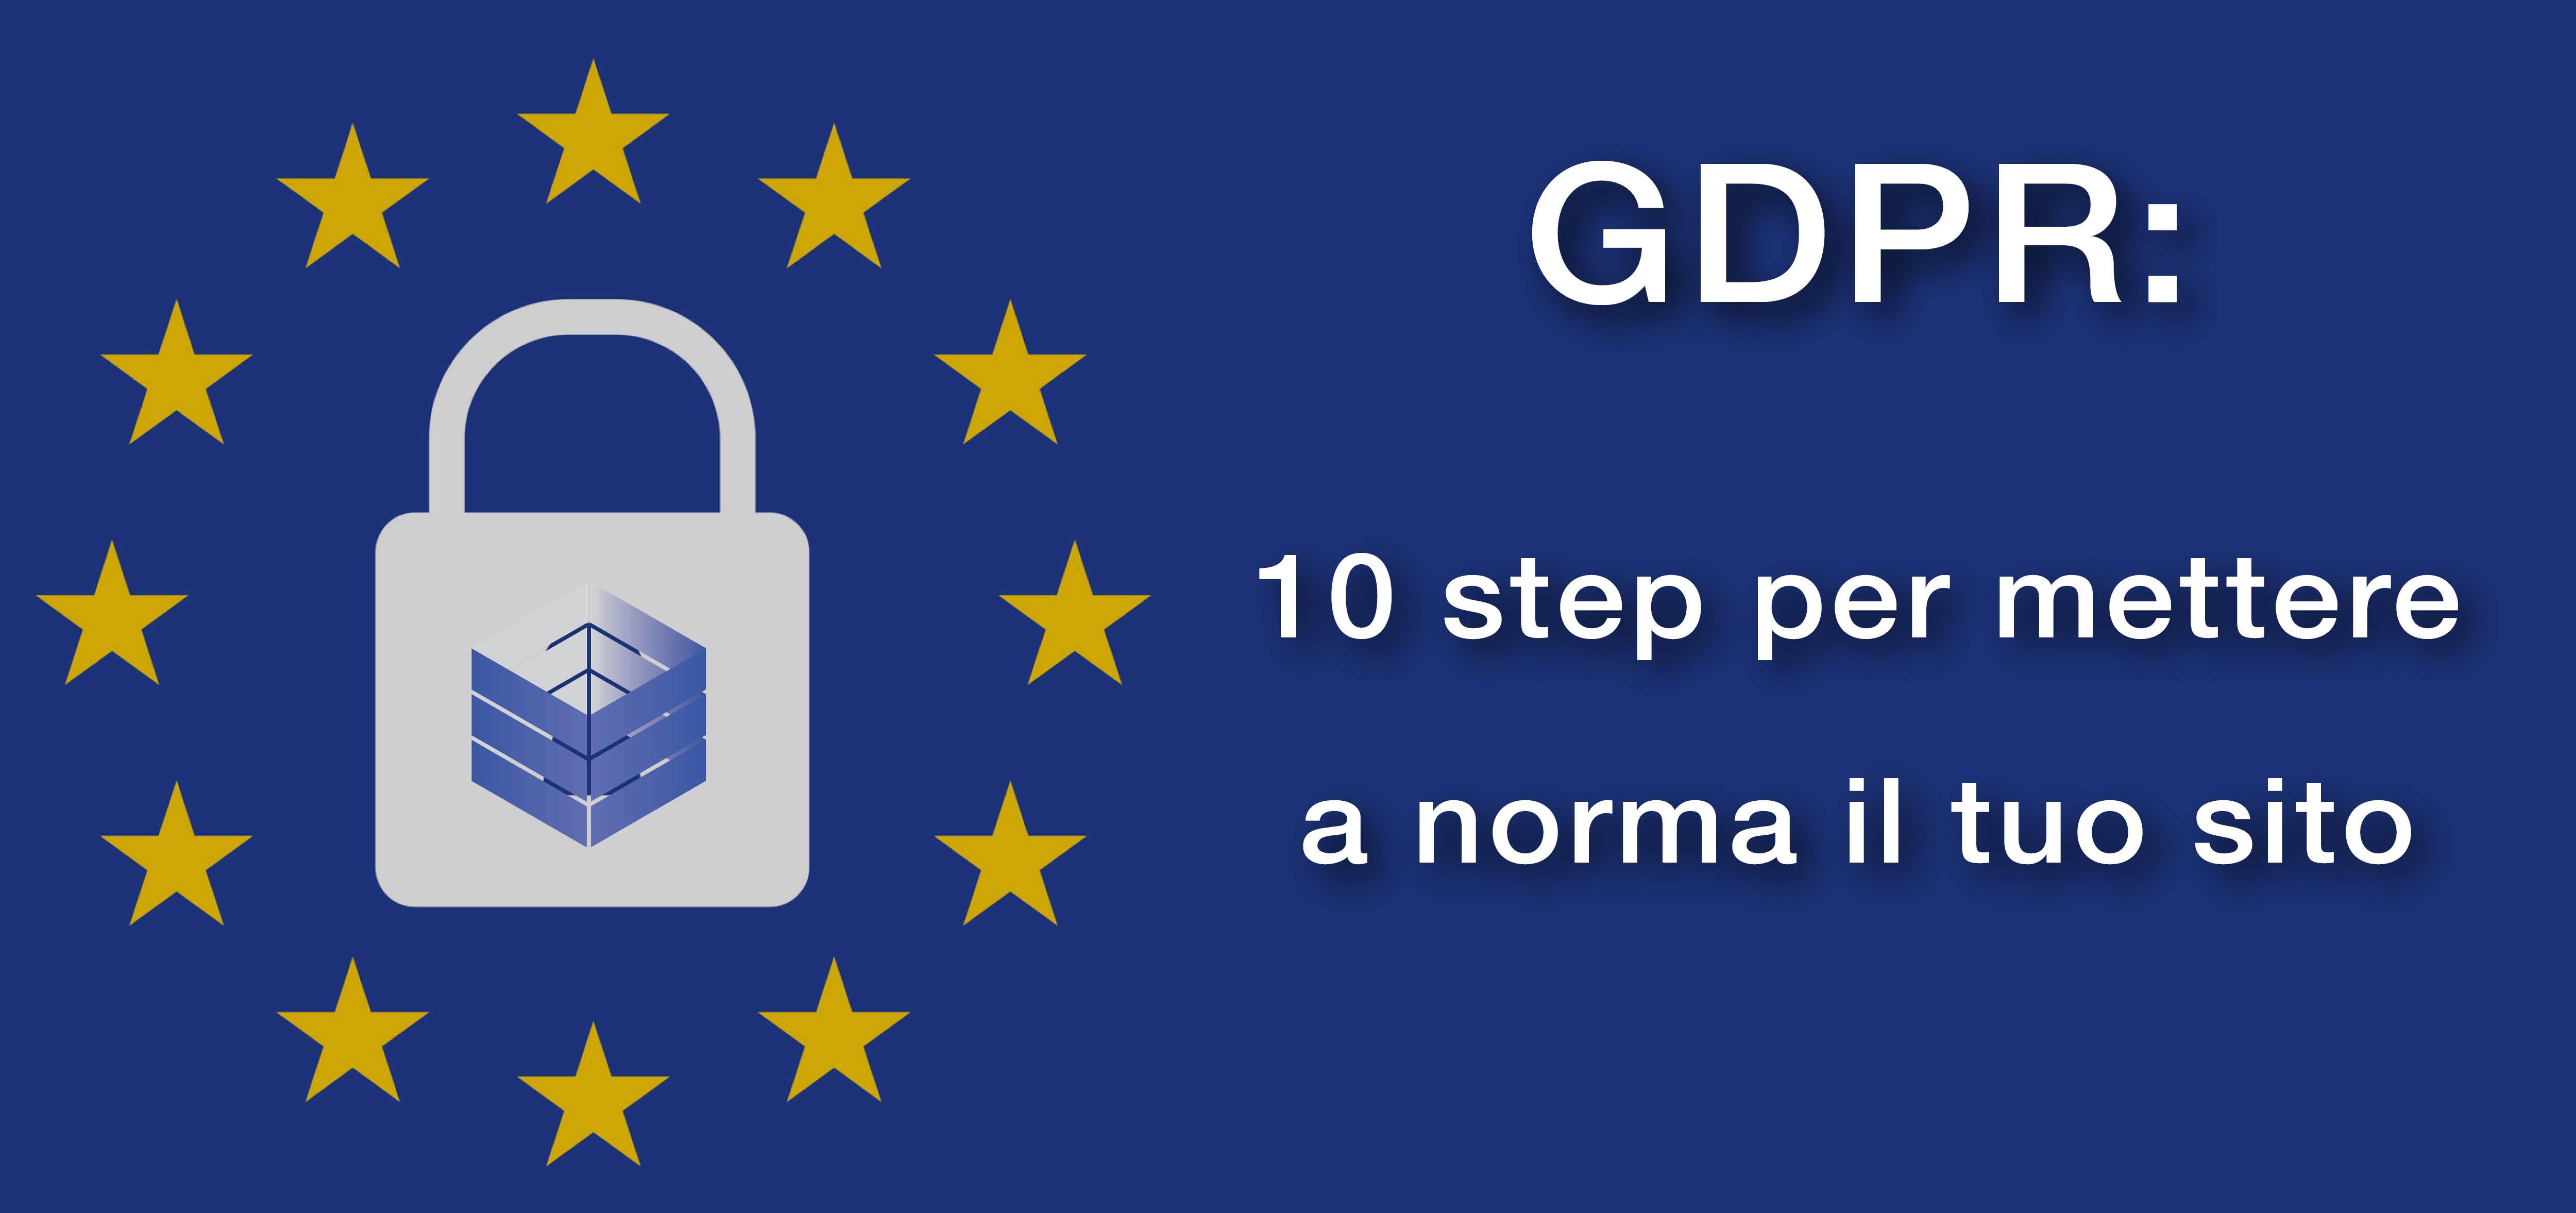 GDPR: 10 step per mettere a norma il tuo sito